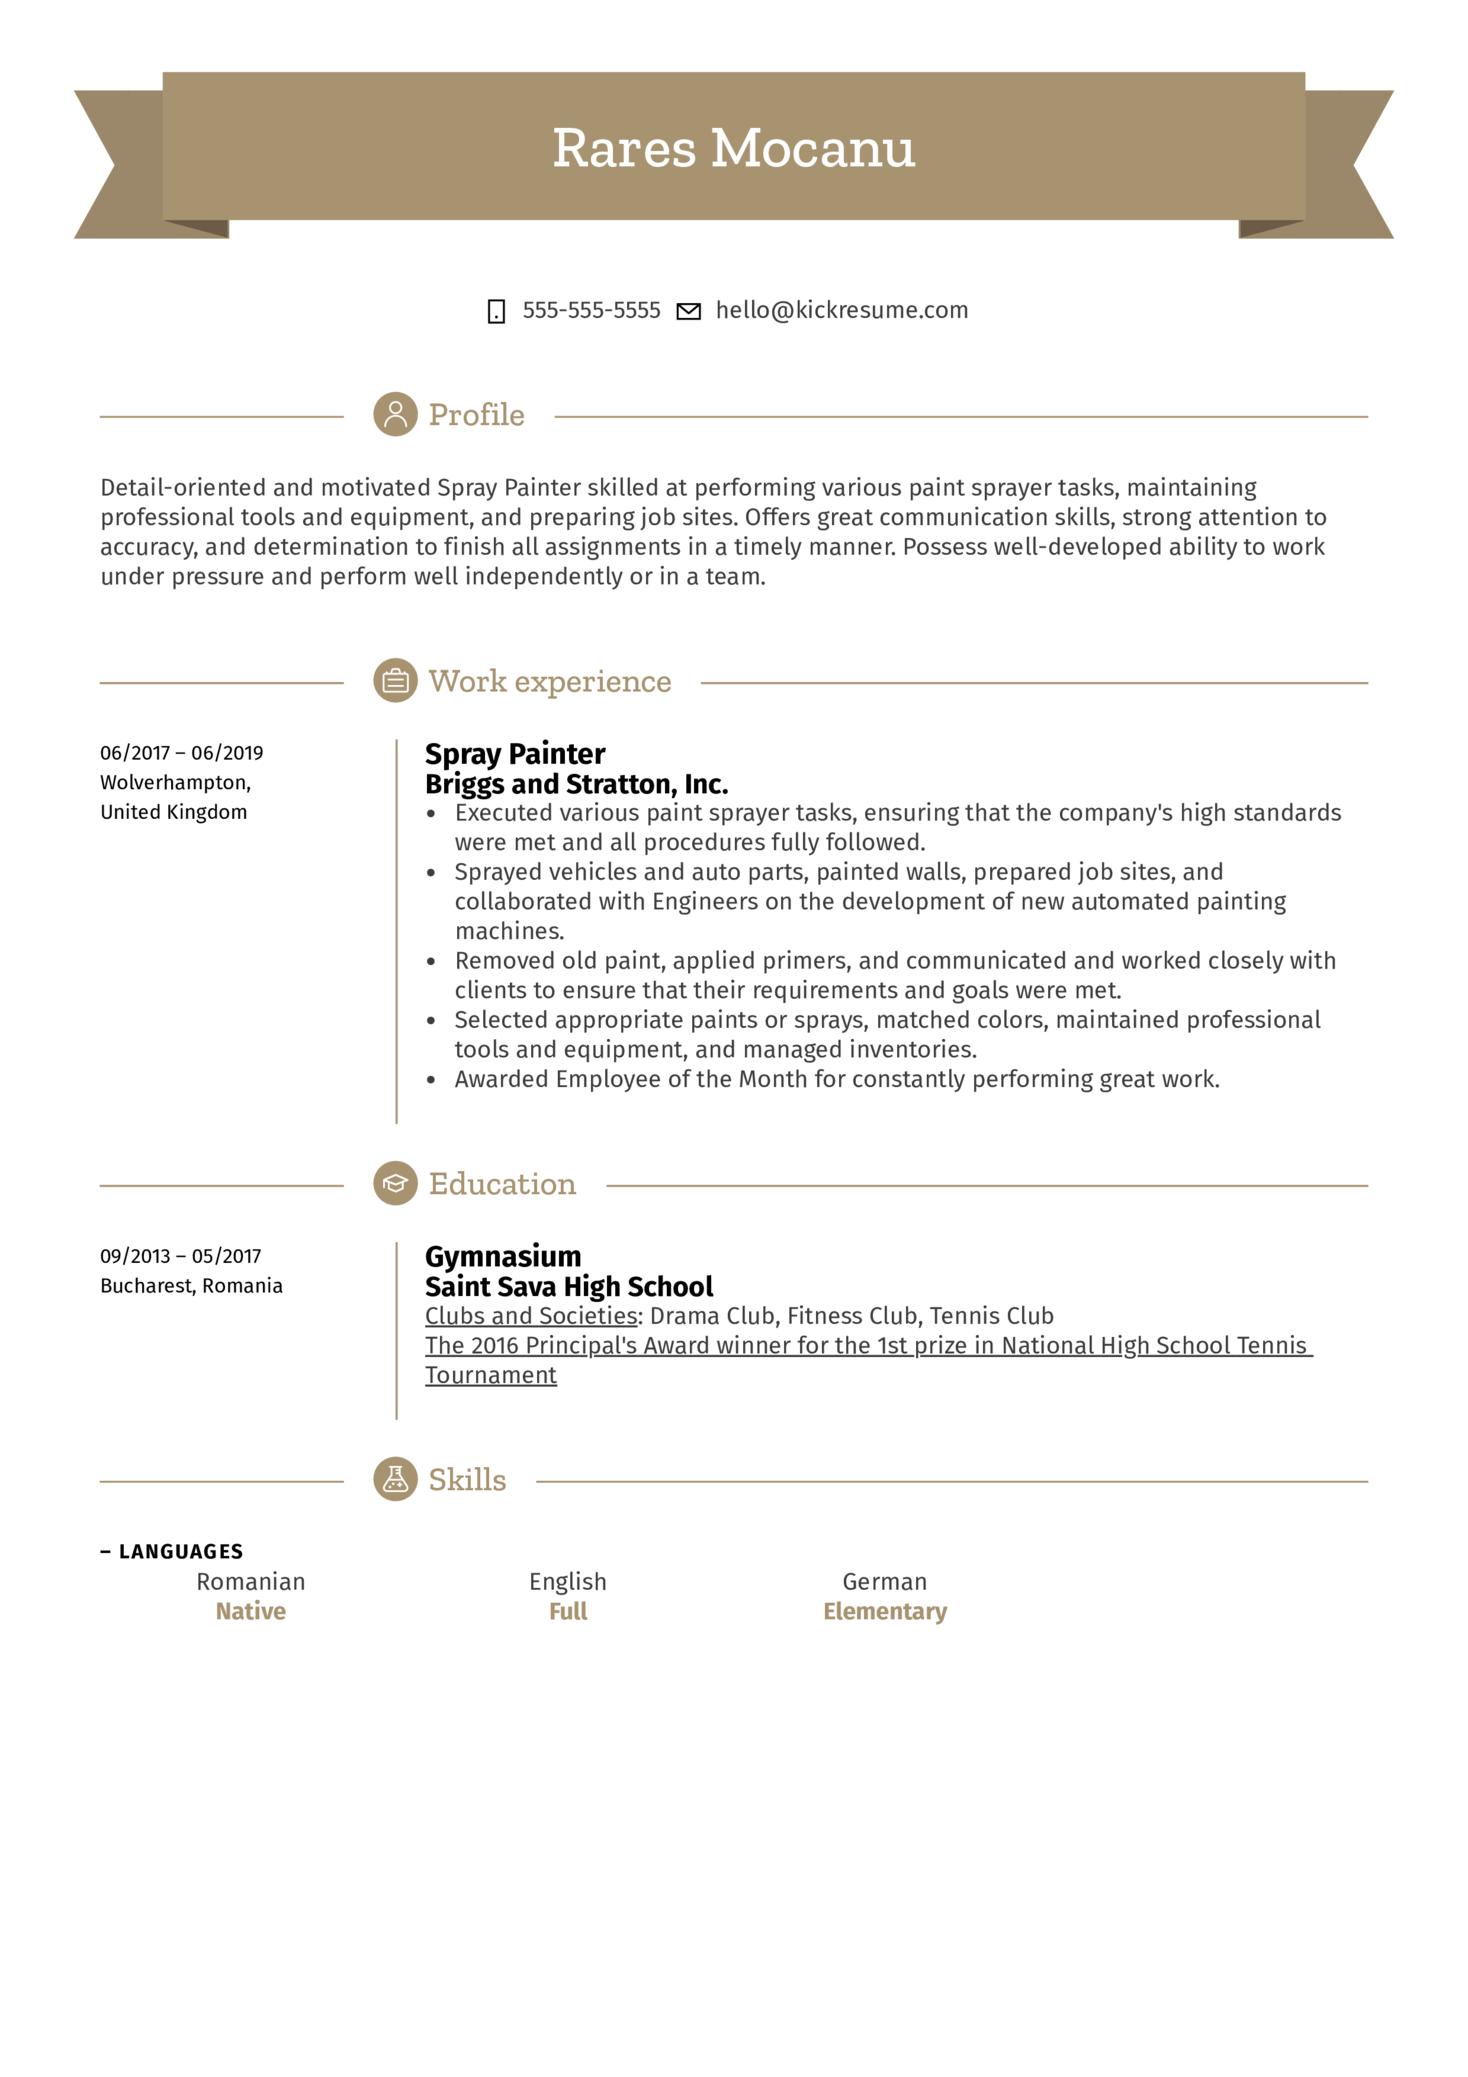 Spray Painter Resume Sample (Parte 1)